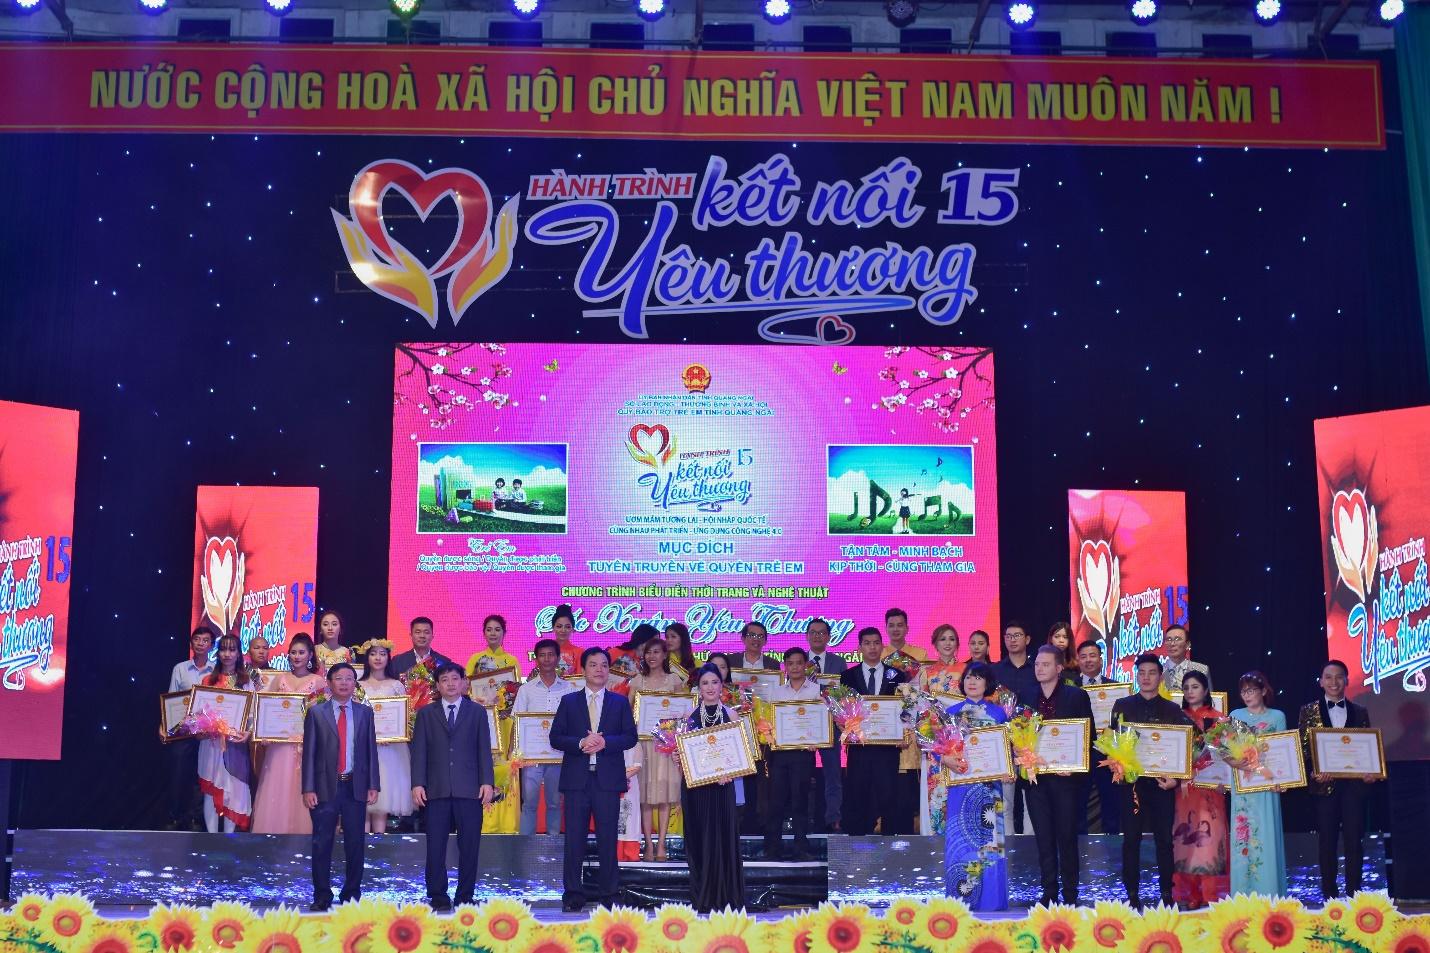 Lưu Lan Anh cùng Hành Trình Kết Nối Yêu Thương số 15 mang yêu thương đến Quảng Ngãi - Ảnh 8